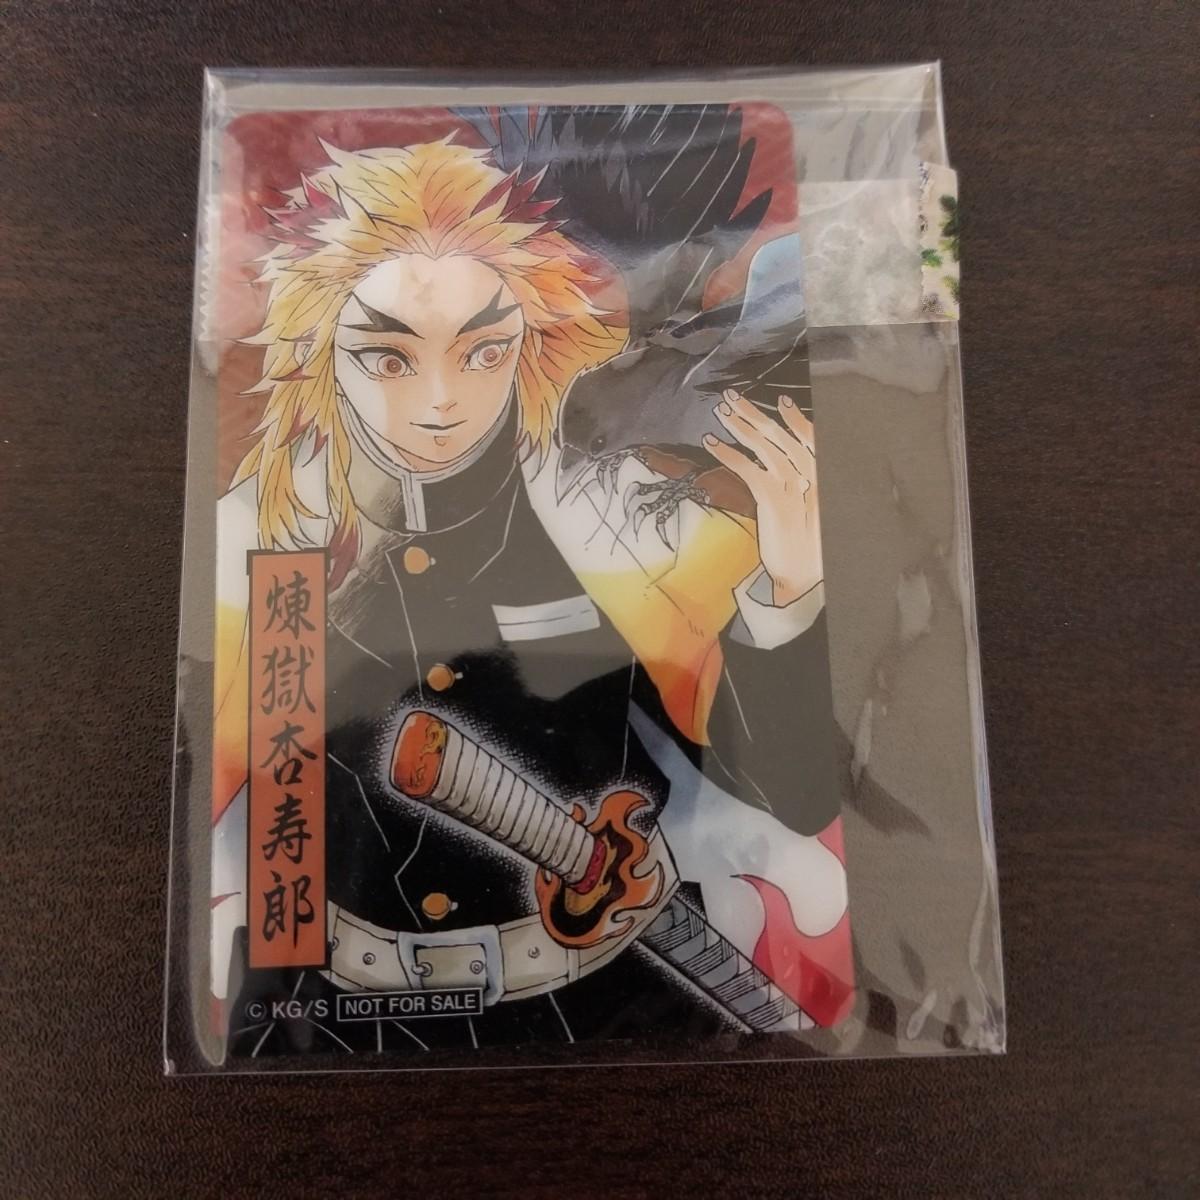 鬼滅の刃 クリアカード 煉獄杏寿郎